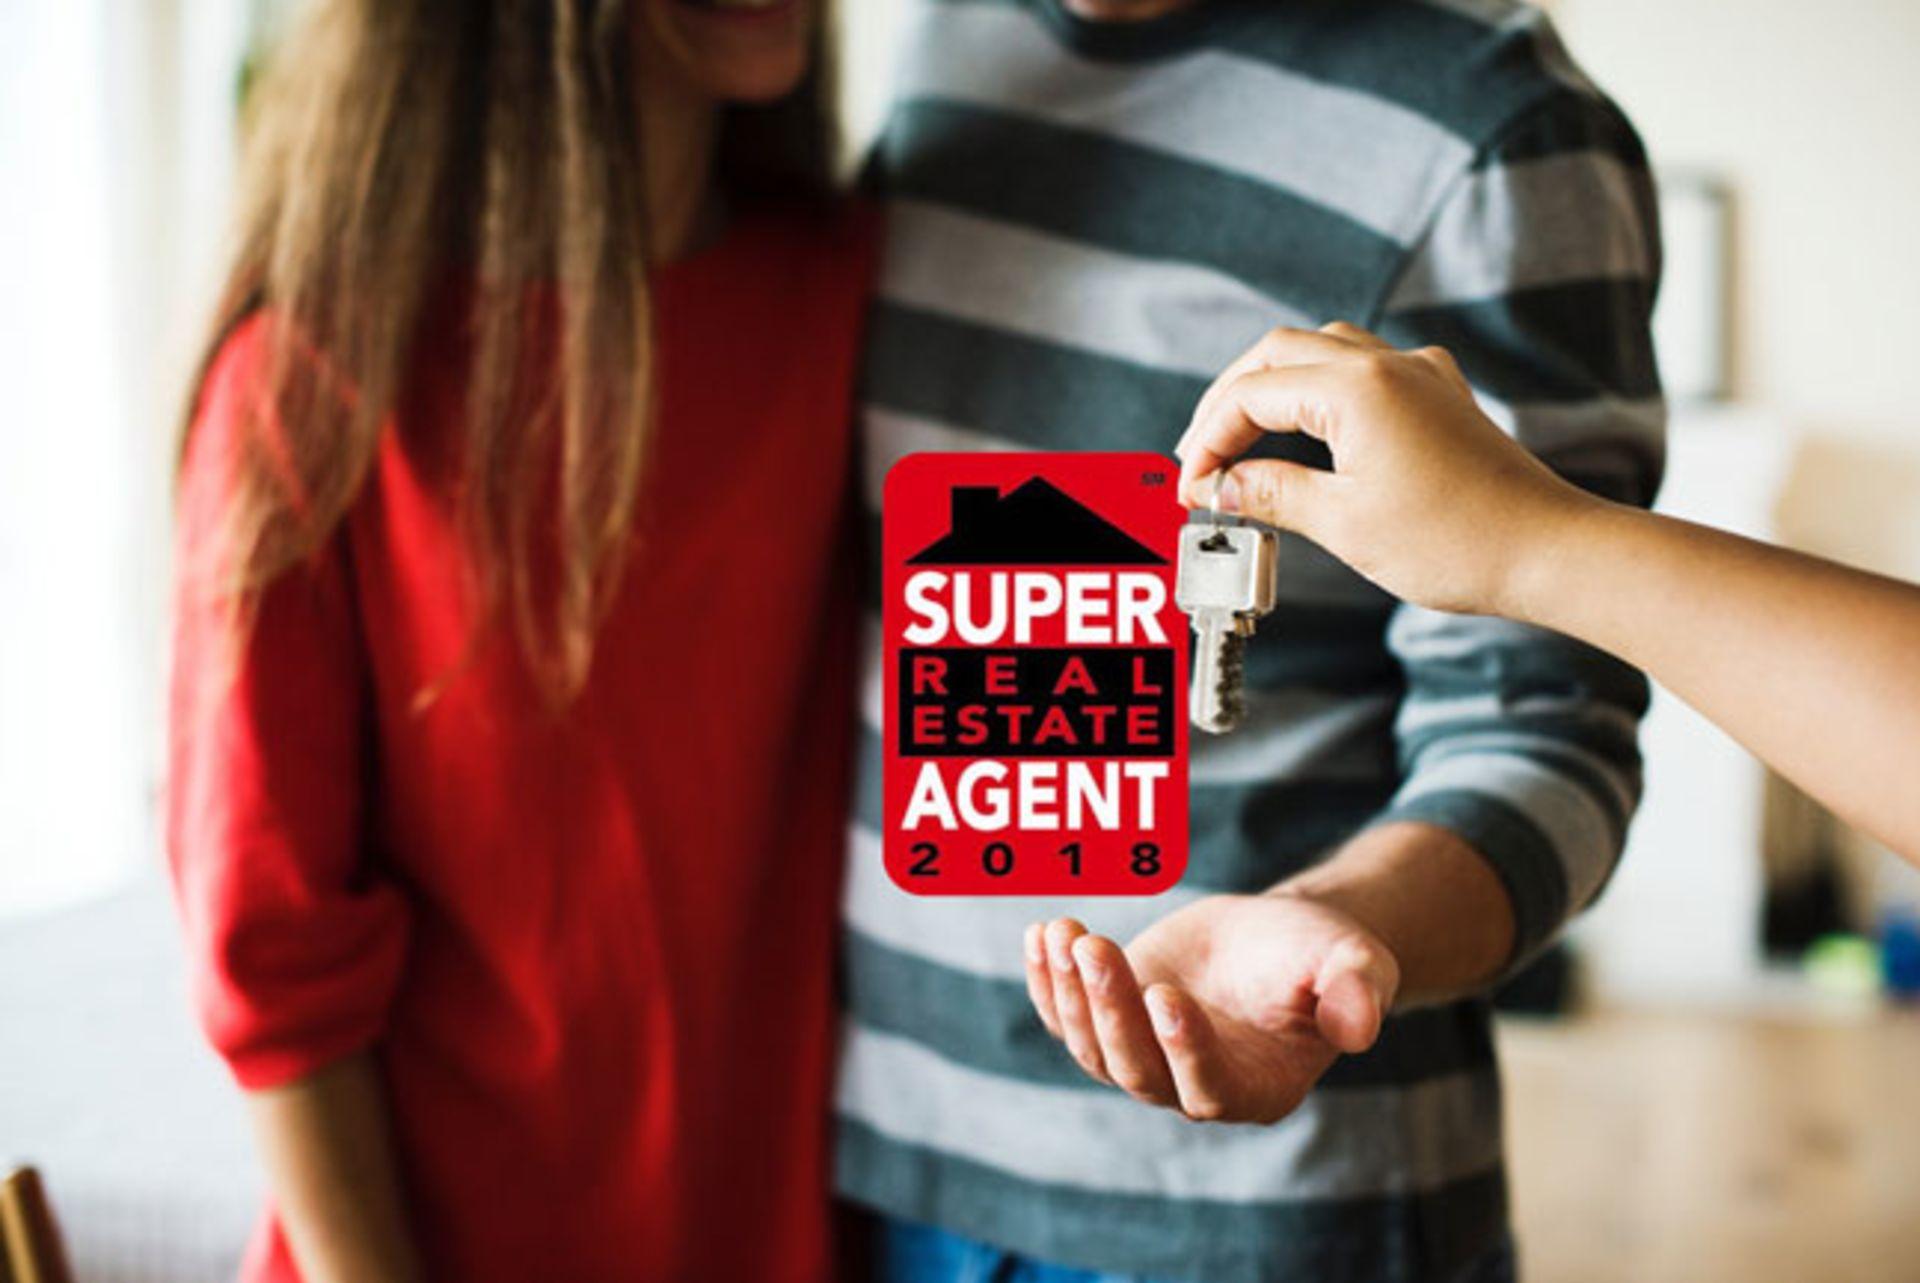 Hudson Super Real Estate Agent Award